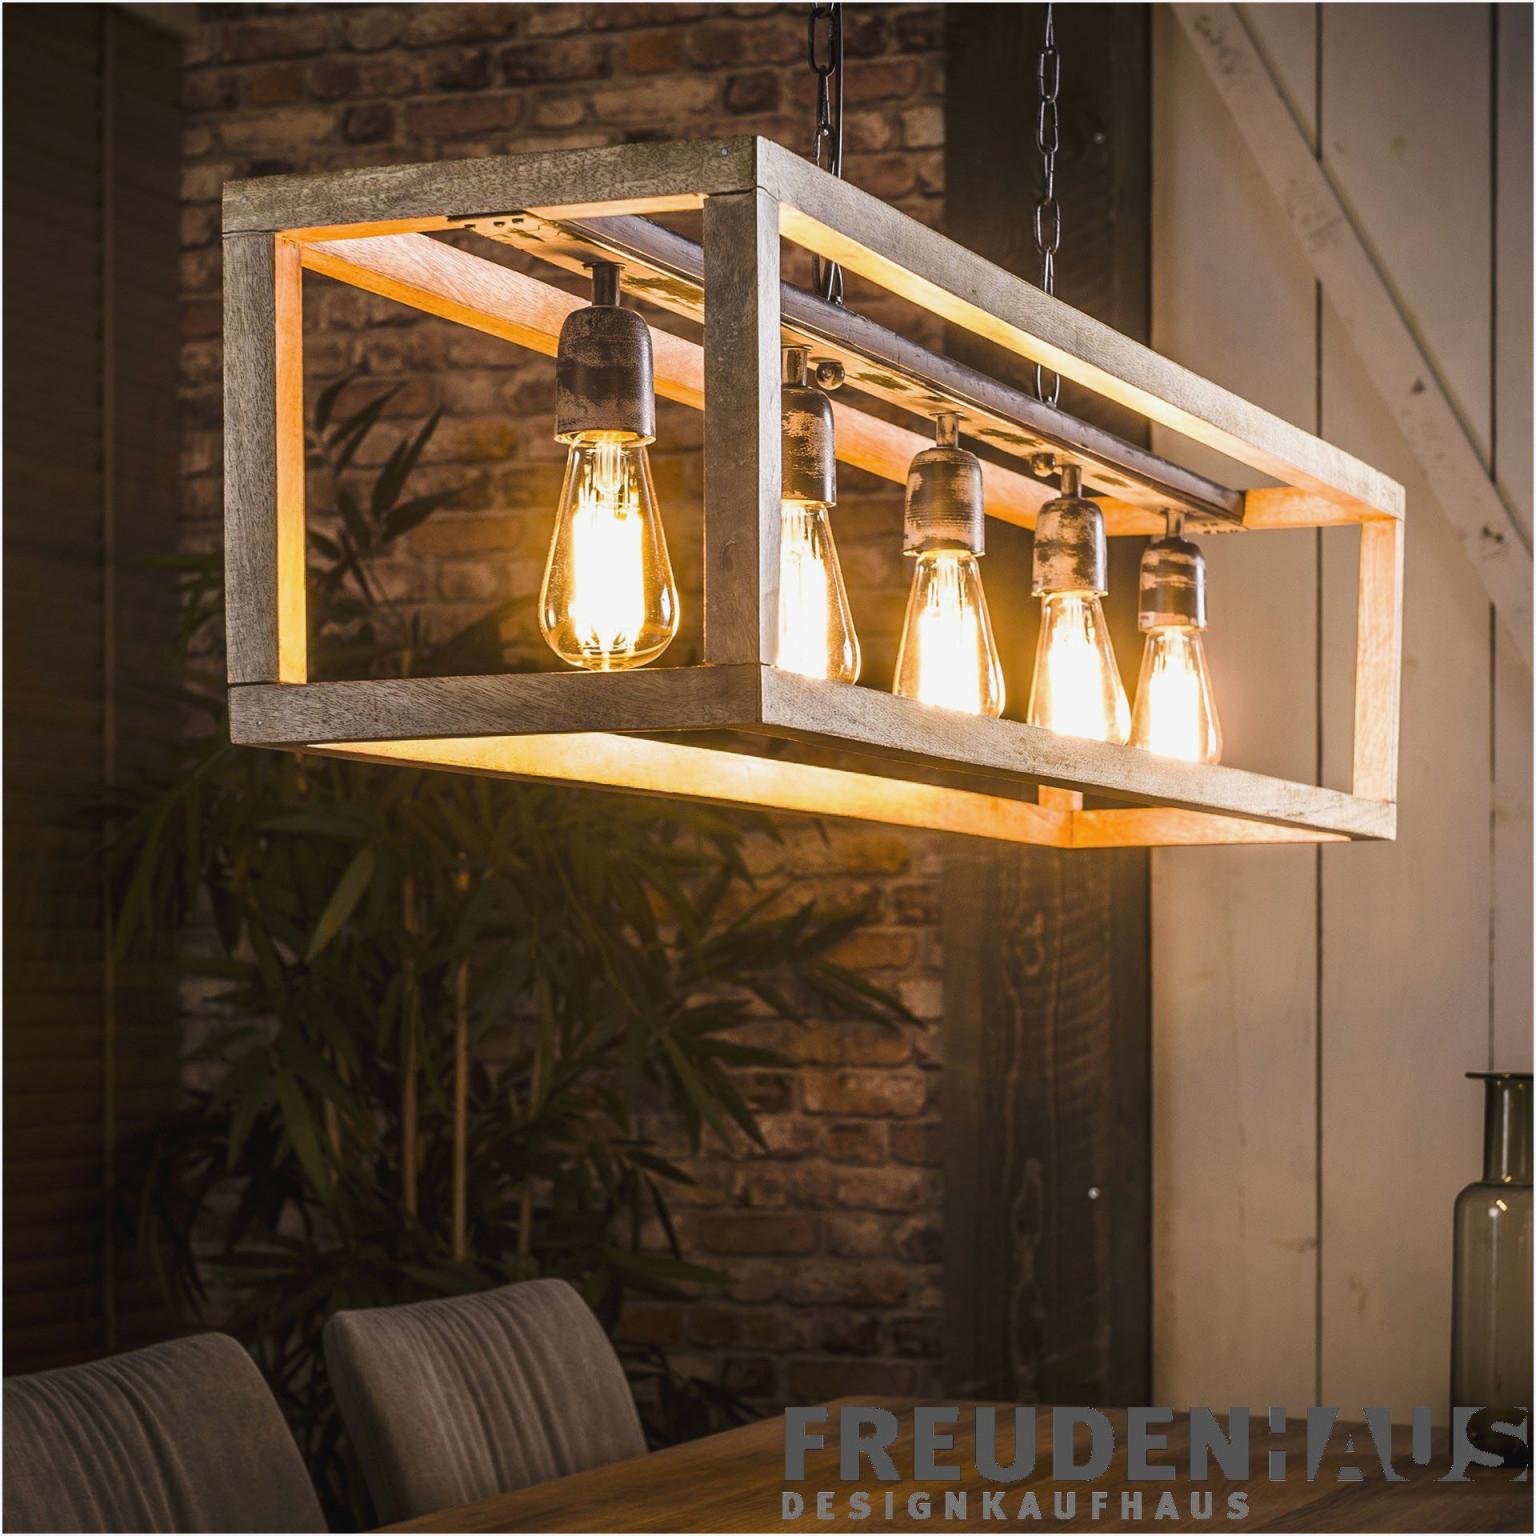 Holz Rustikal Lampe Wohnzimmer  Wohnzimmer  Traumhaus von Lampe Wohnzimmer Holz Photo